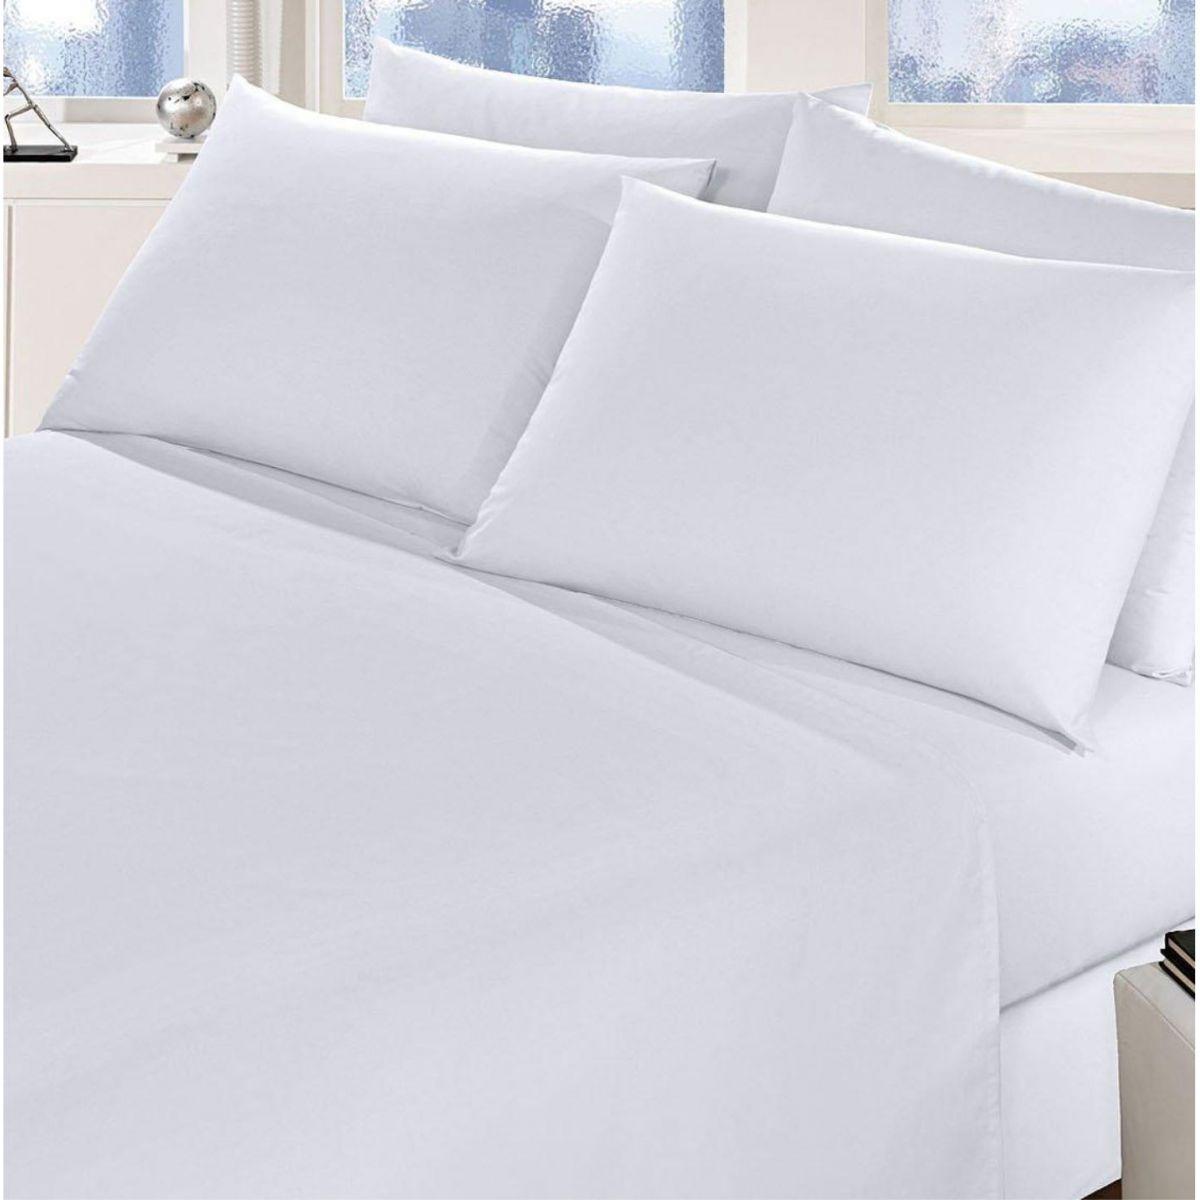 9c71311558 lençol king size hotelaria branco 100% algodão 200 fios teka. Carregando  zoom.